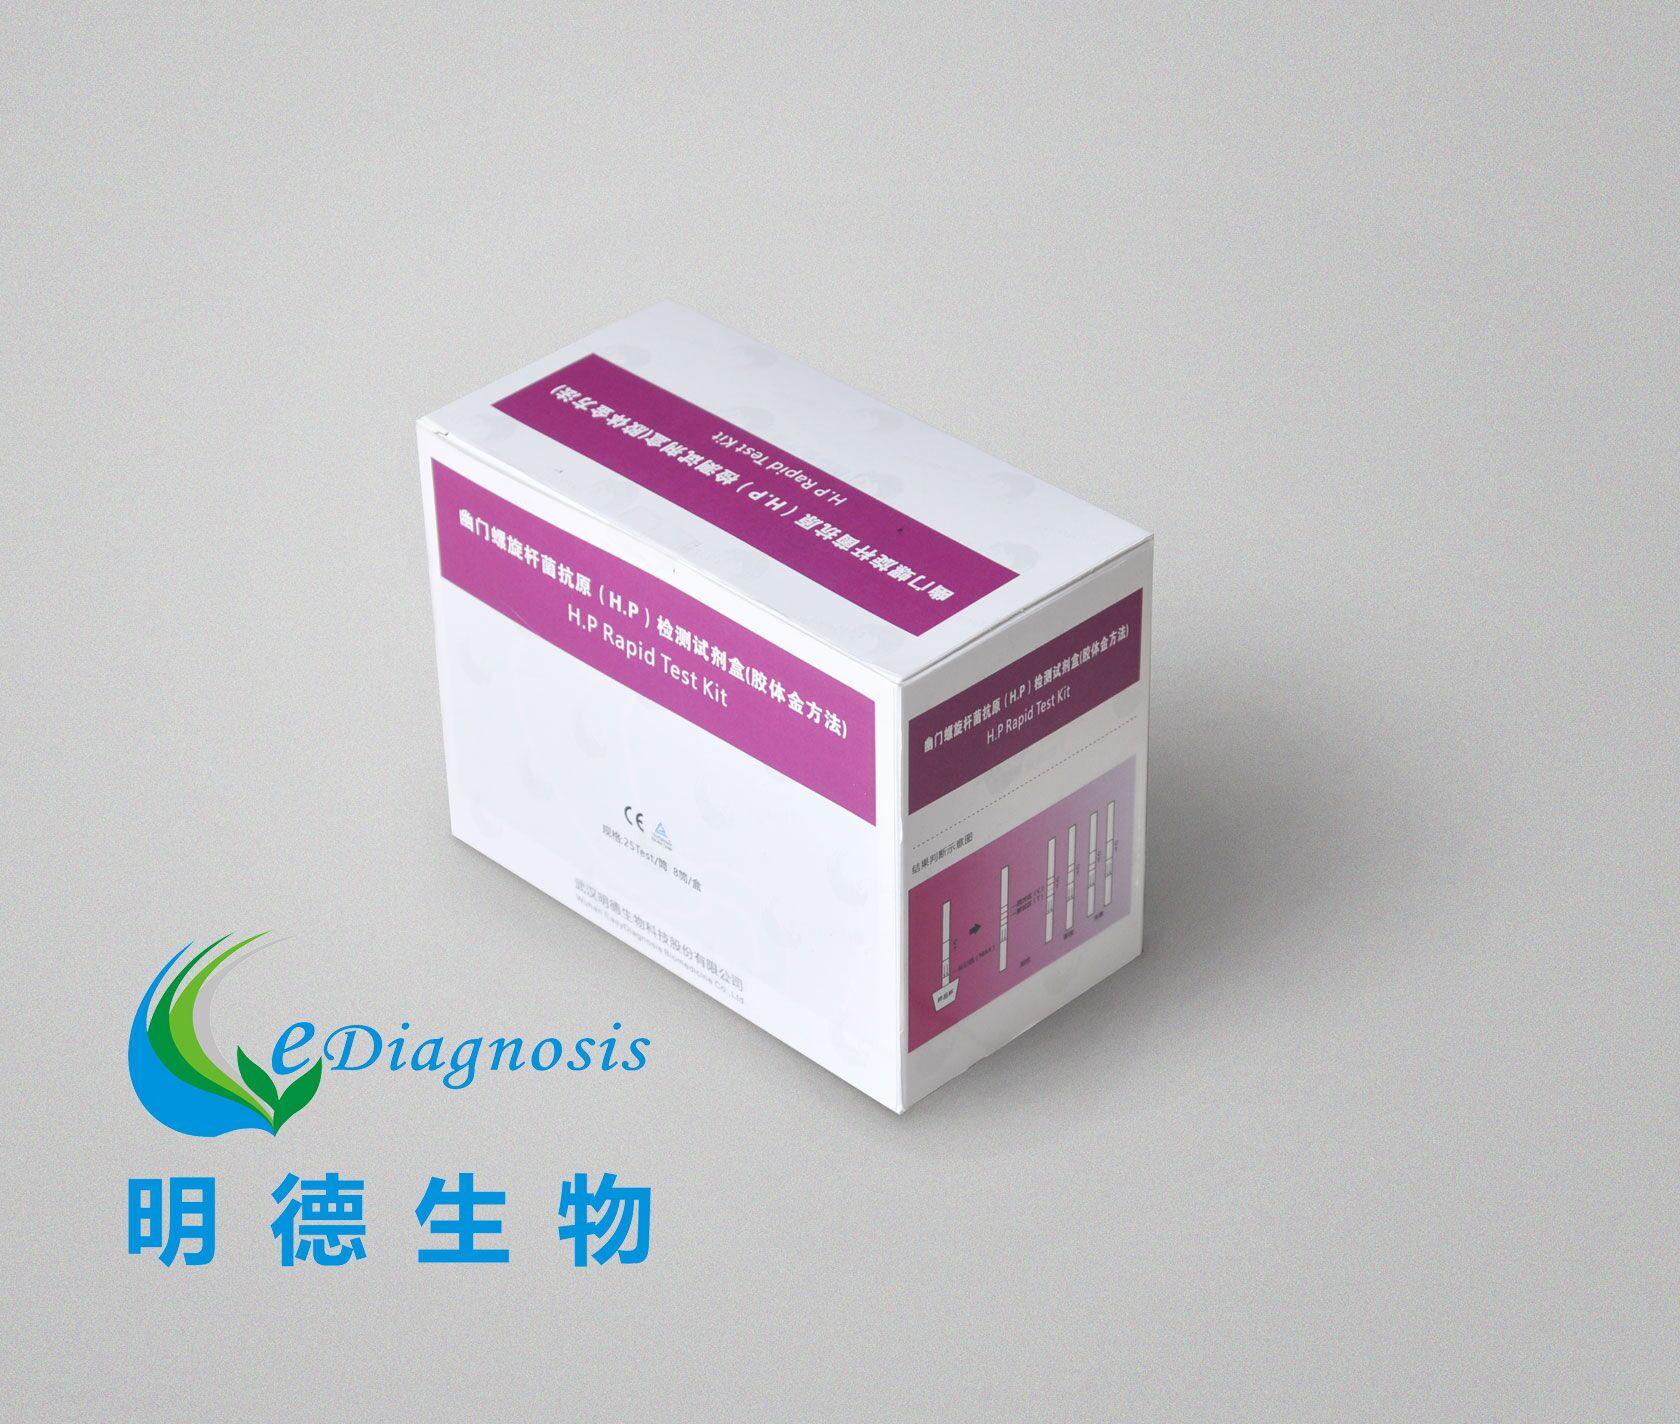 幽门螺旋杆菌抗原(H.P)检测试剂盒(胶体金方法)